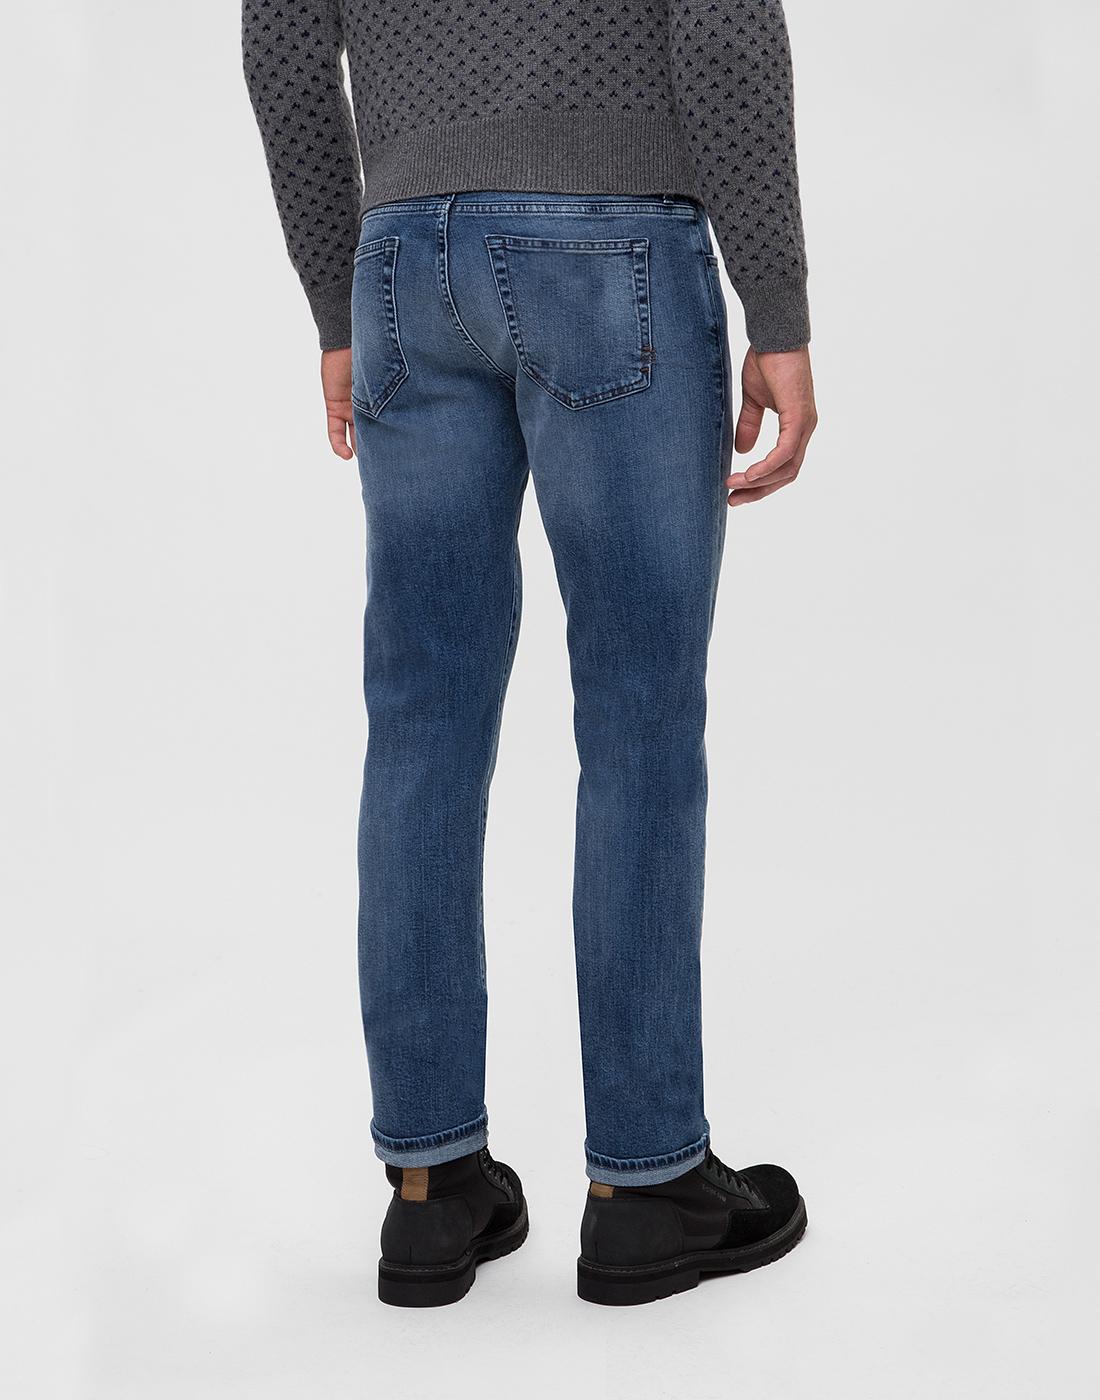 Мужские синие джинсы PT SKU07 MD58-4